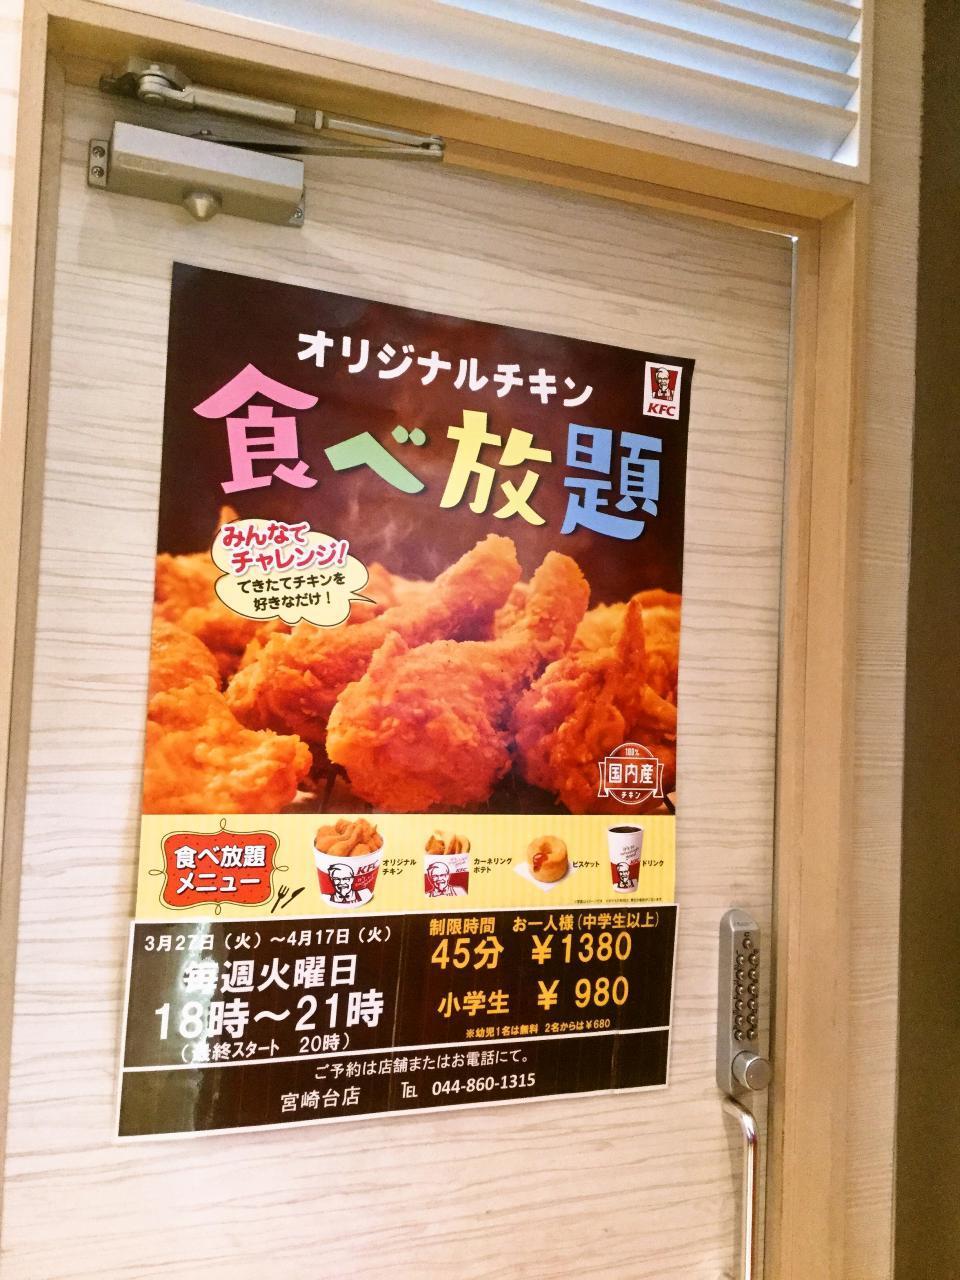 ケンタッキーフライドチキン宮崎台店(予約)